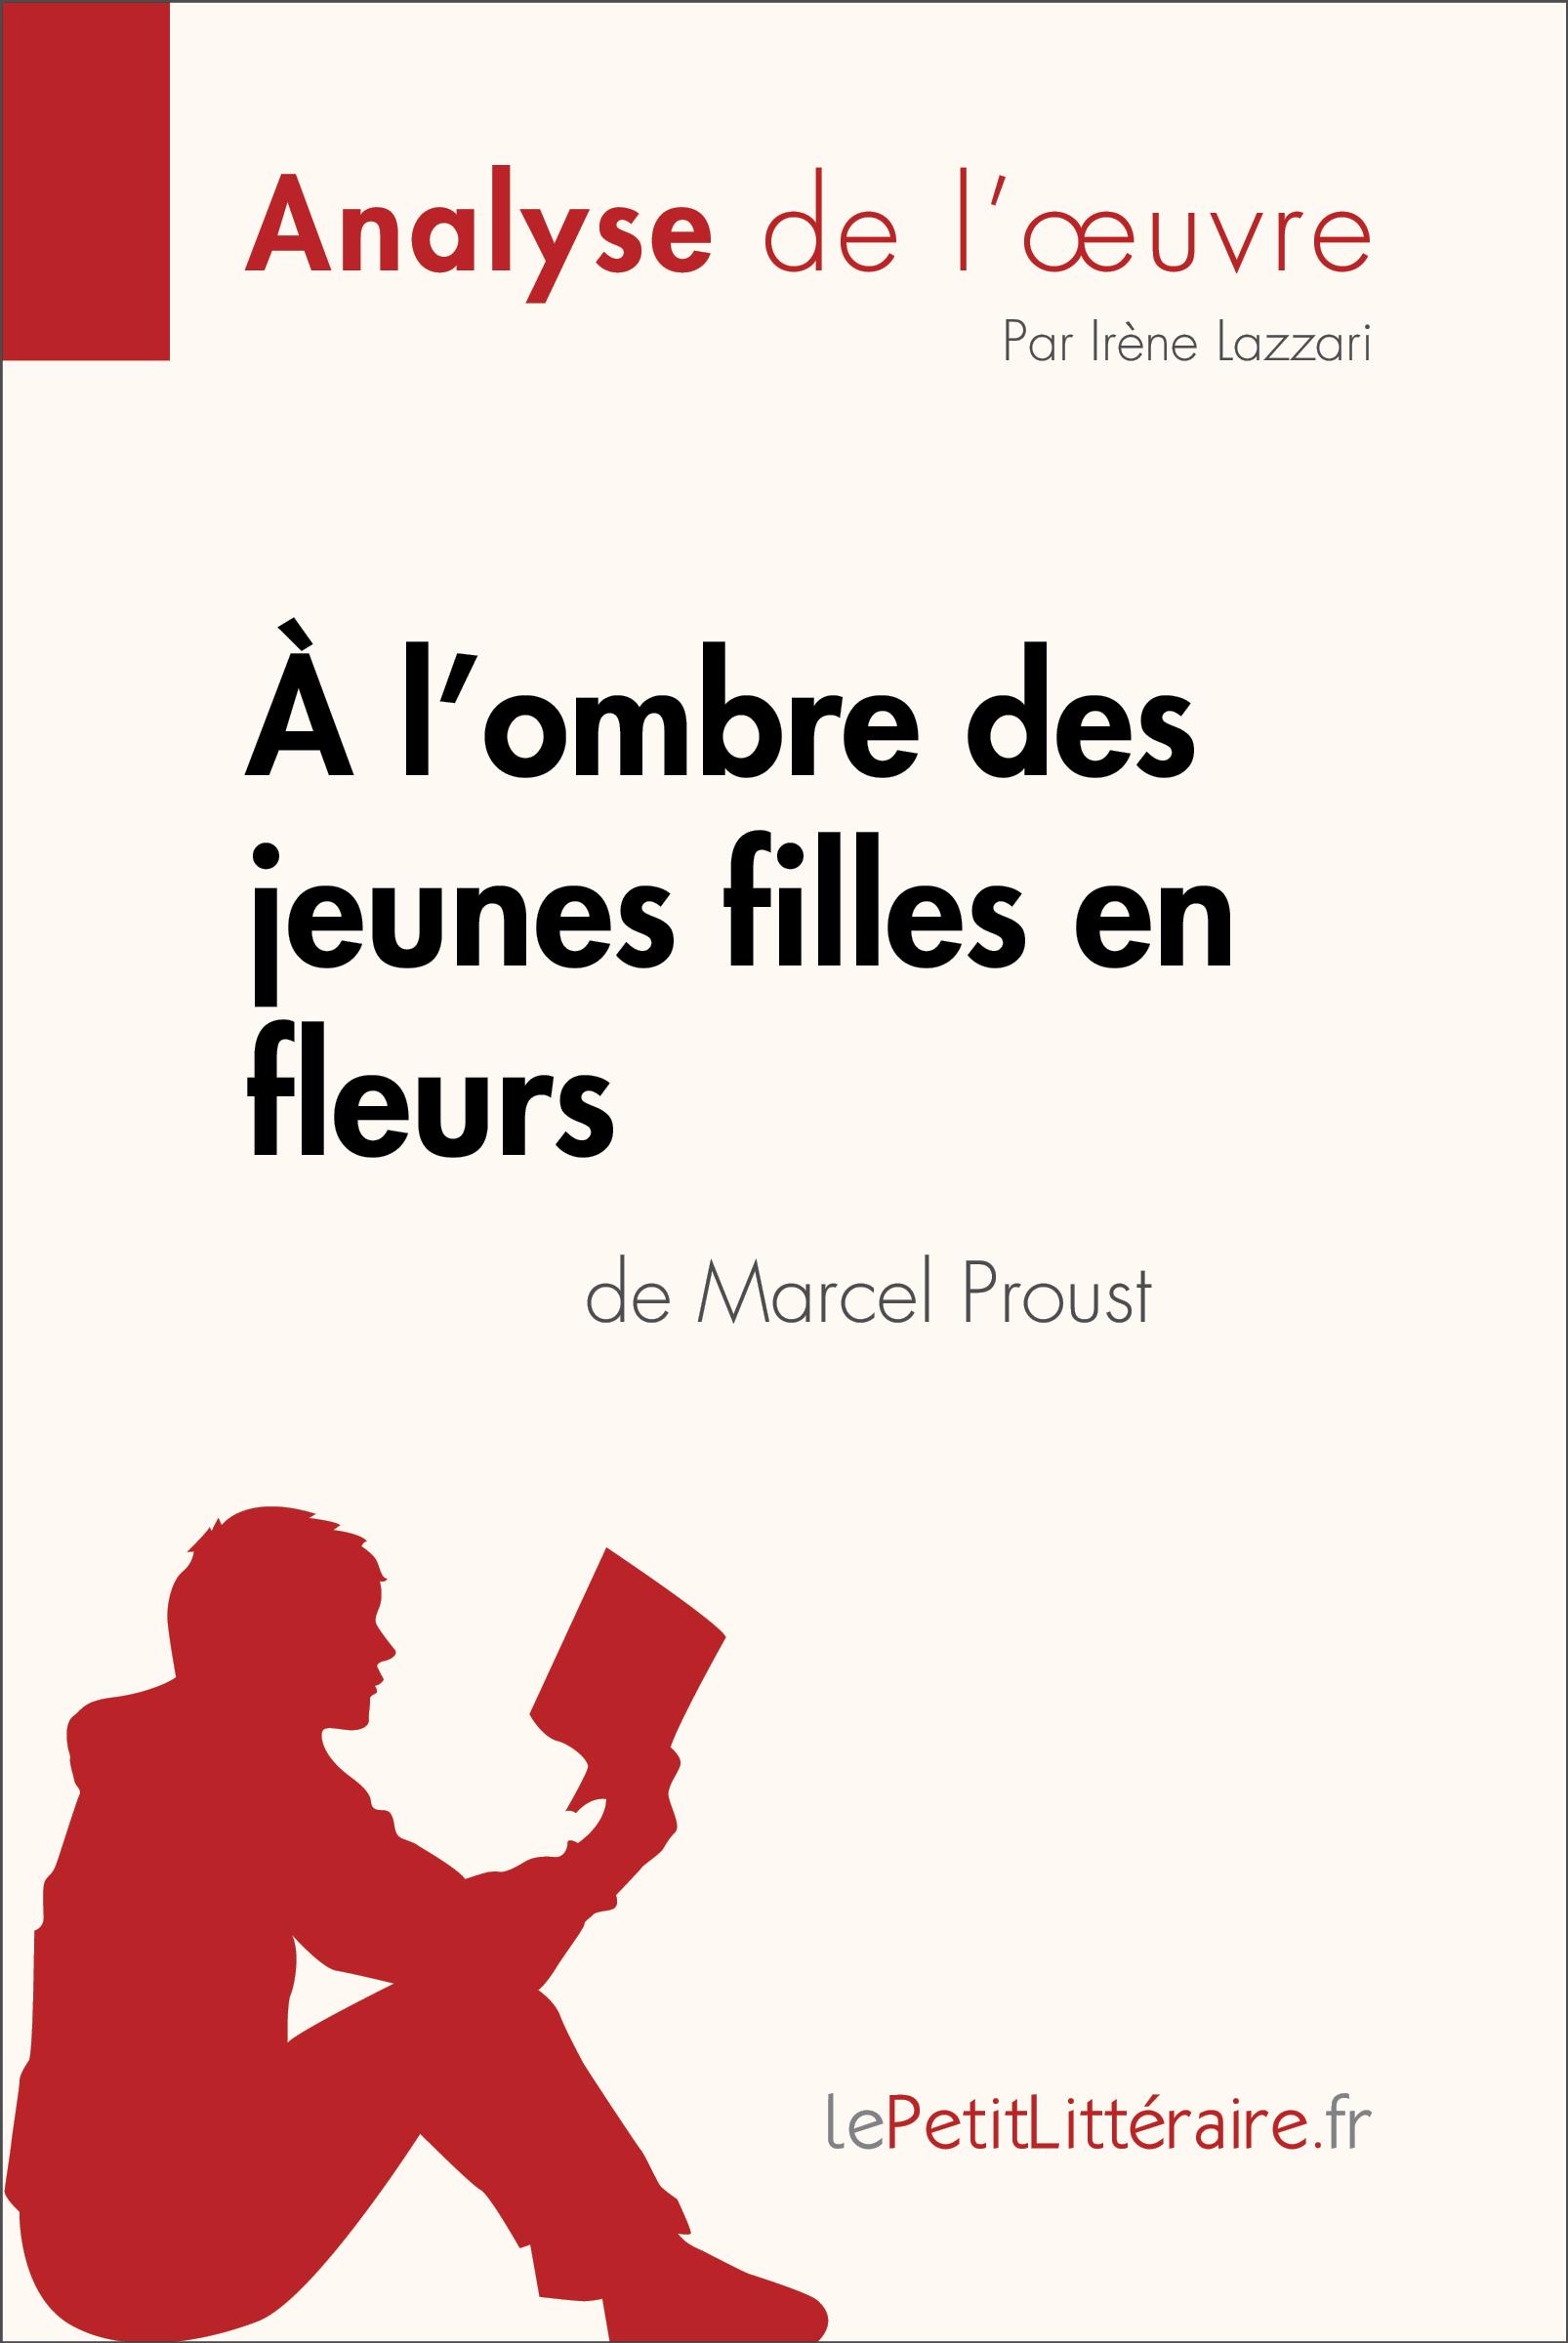 Analyse du livre :  À l'ombre des jeunes filles en fleurs